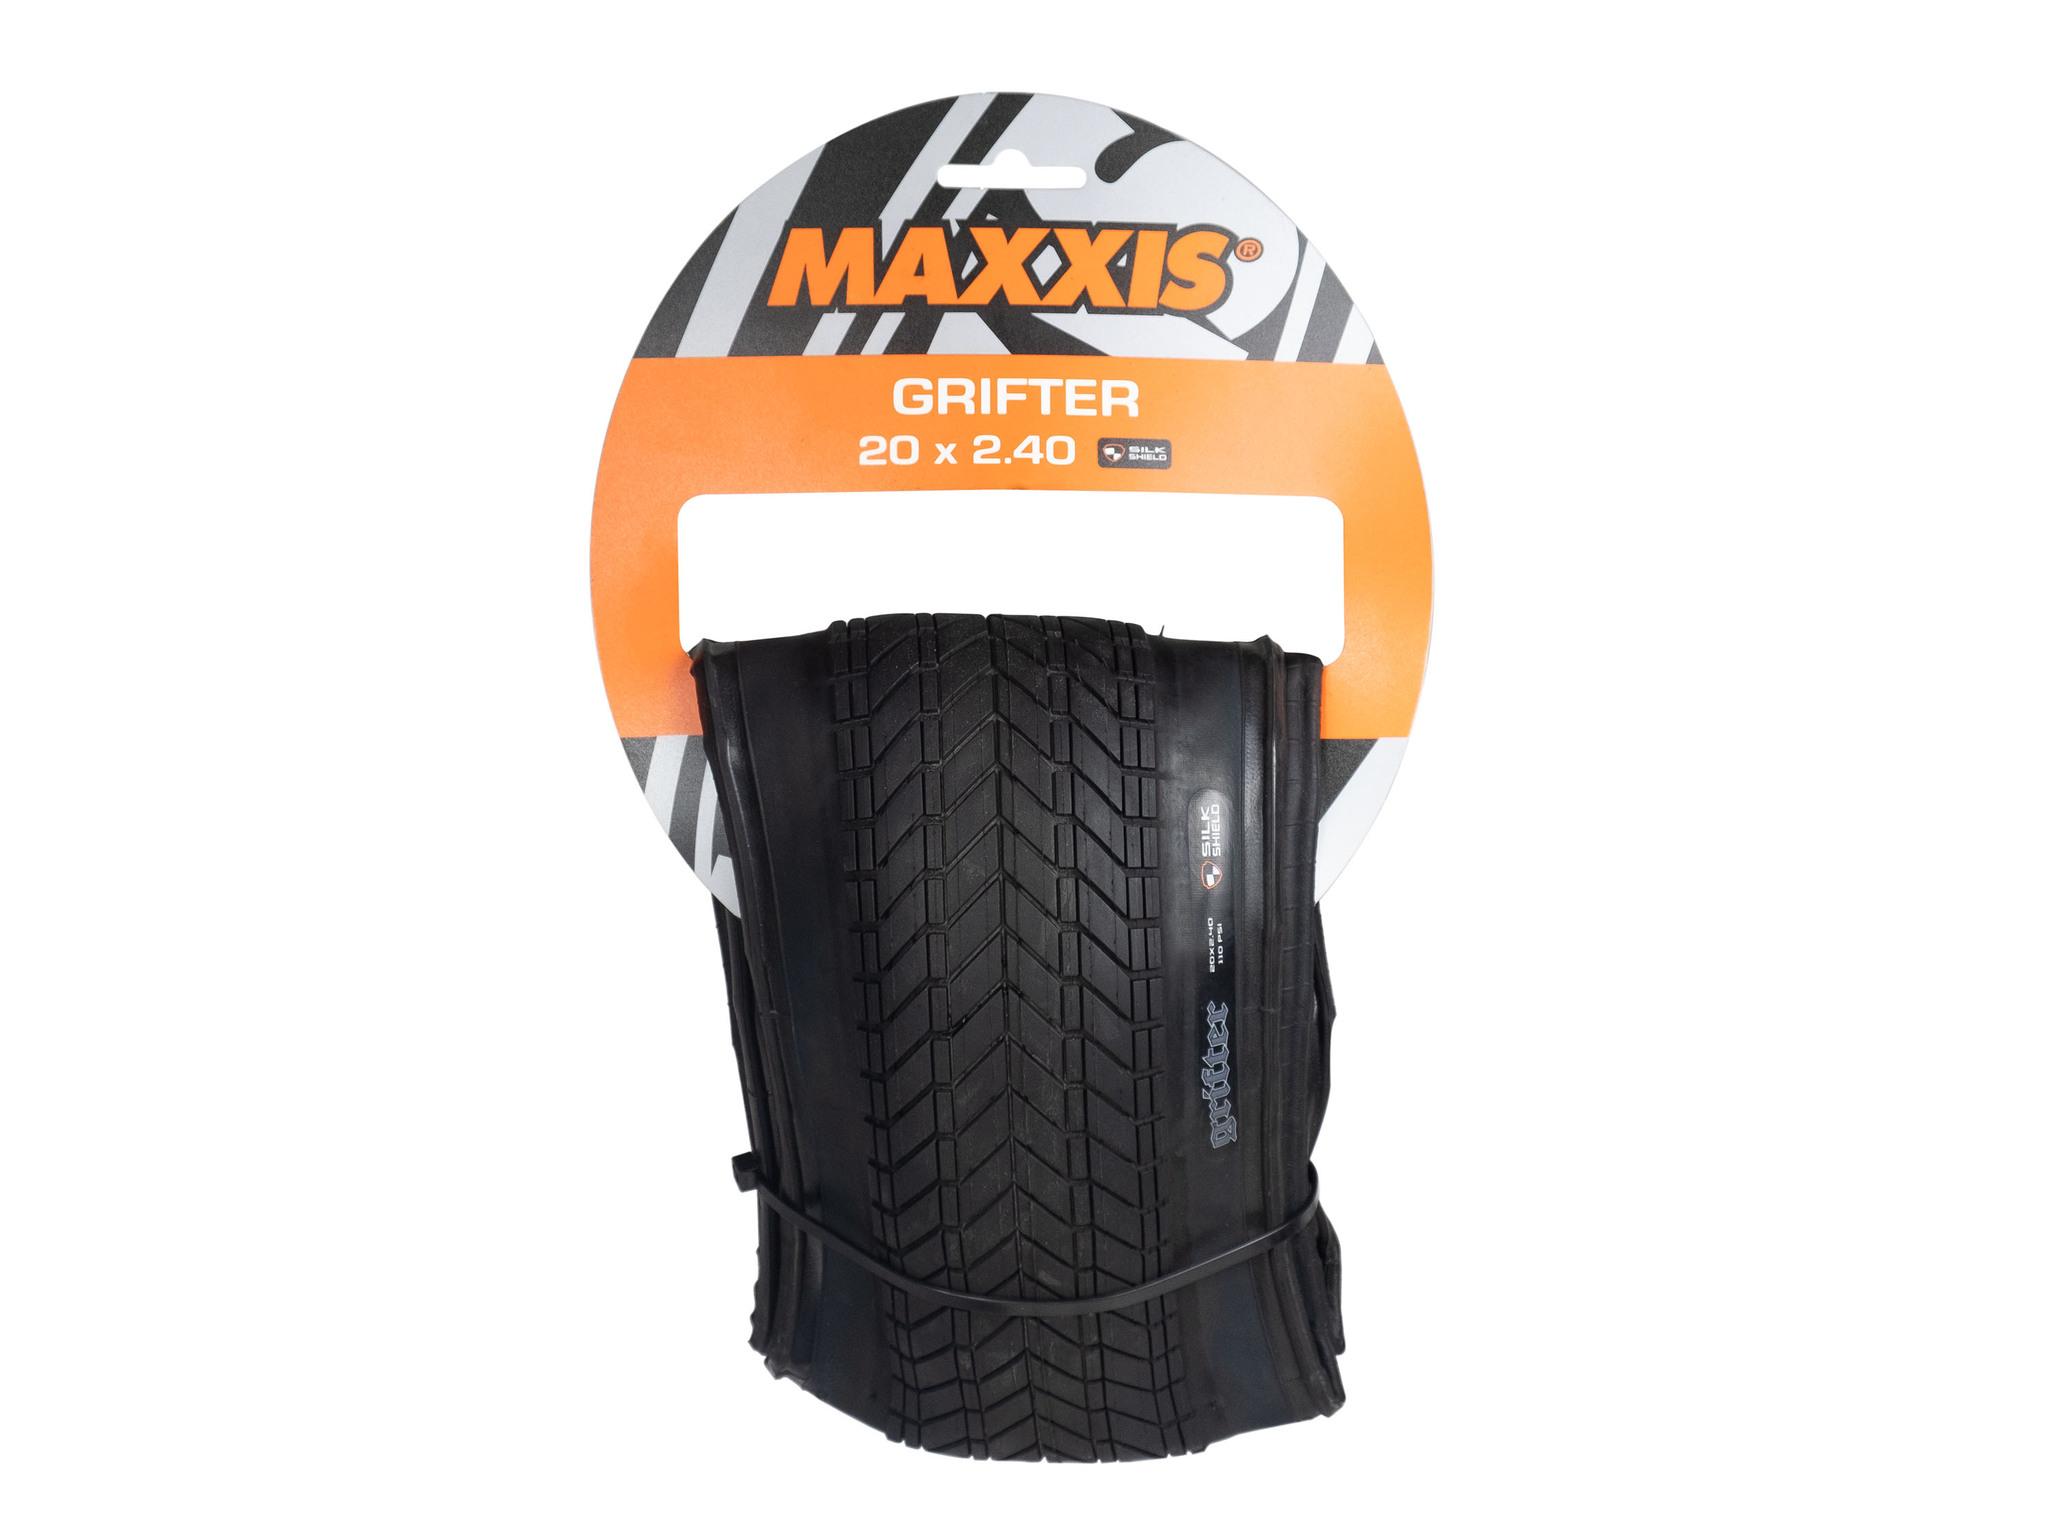 Покрышка Maxxis Grifter